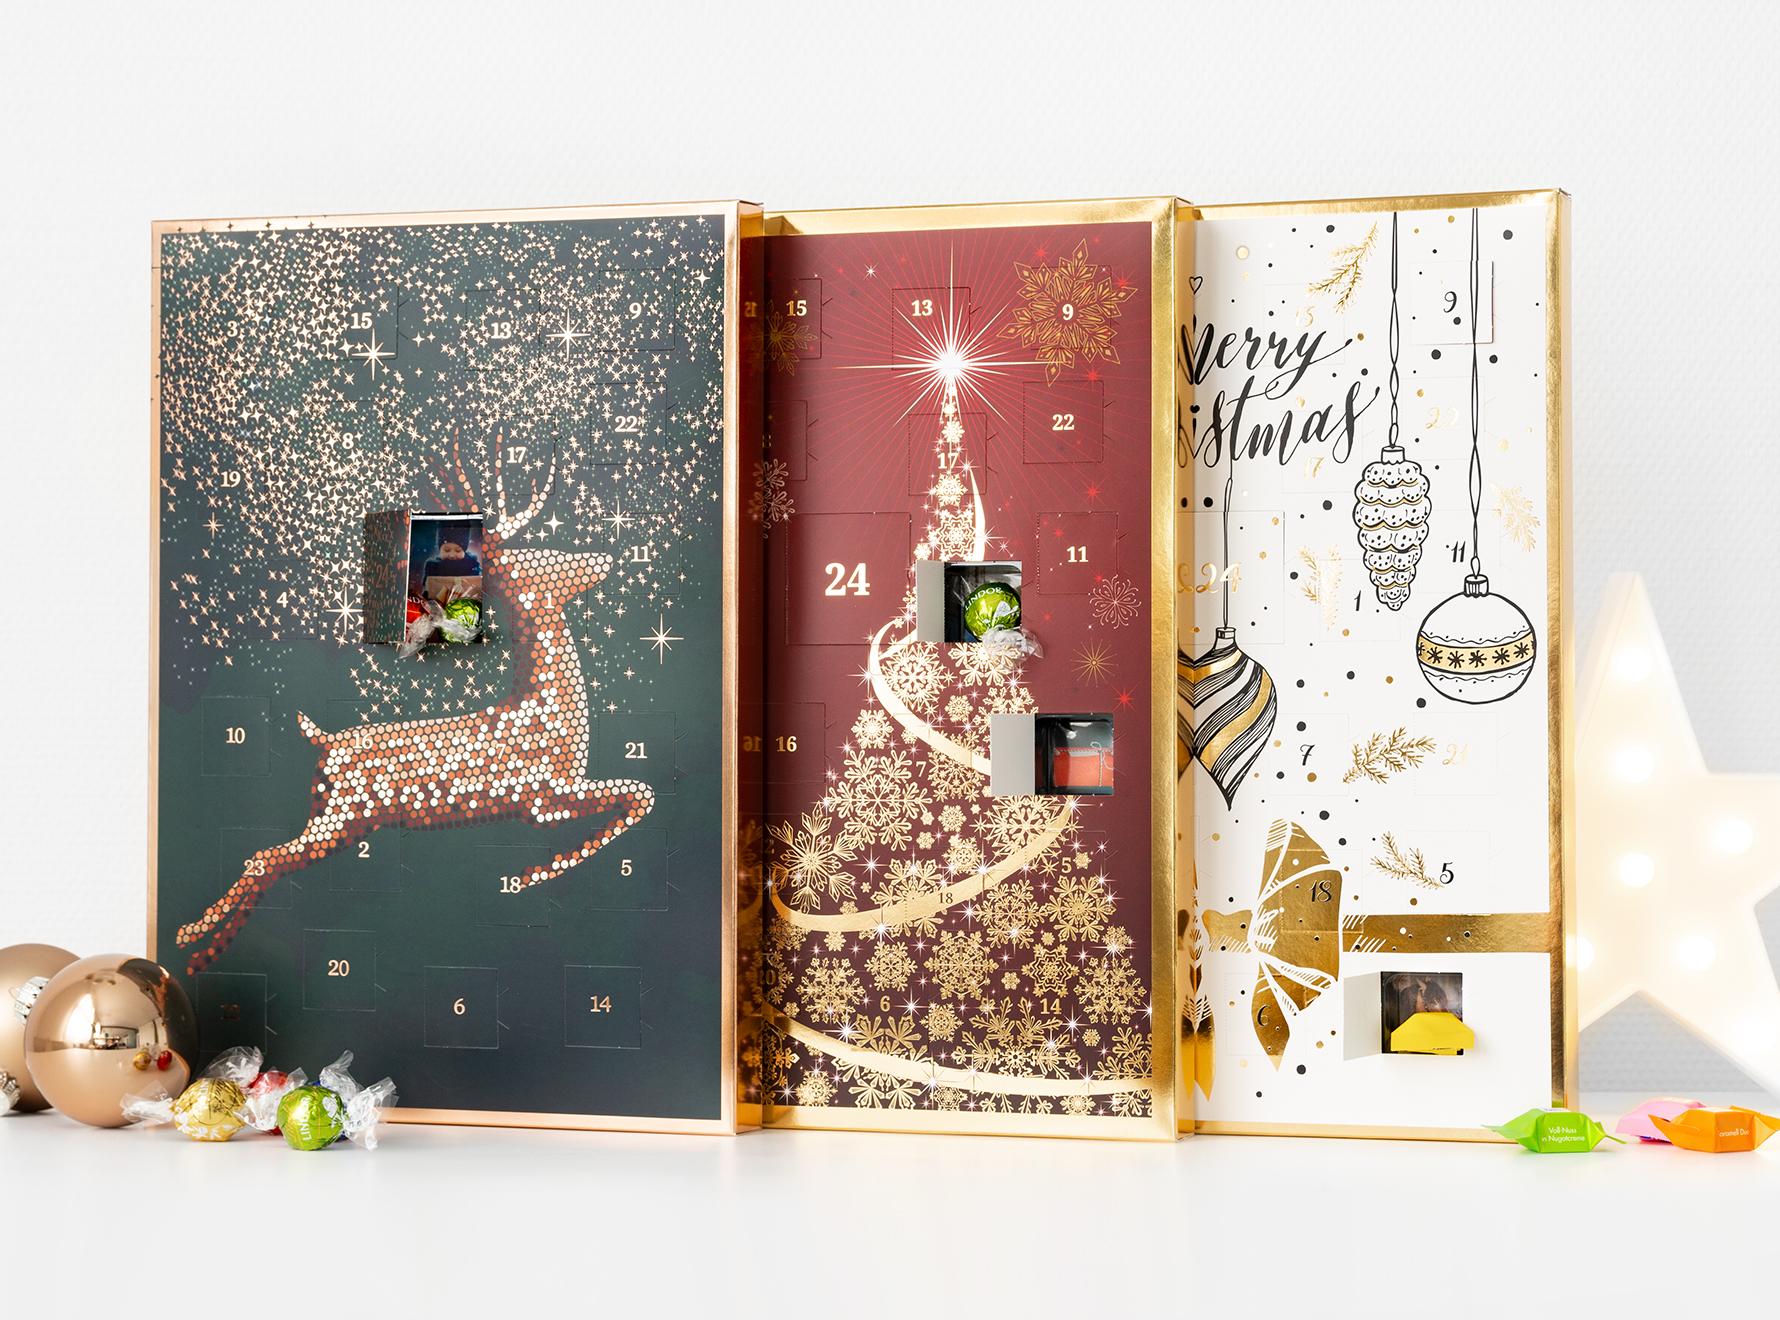 Foto Adventskalender Design mit Schokolade: Ritter Sport oder Lindt Lindor